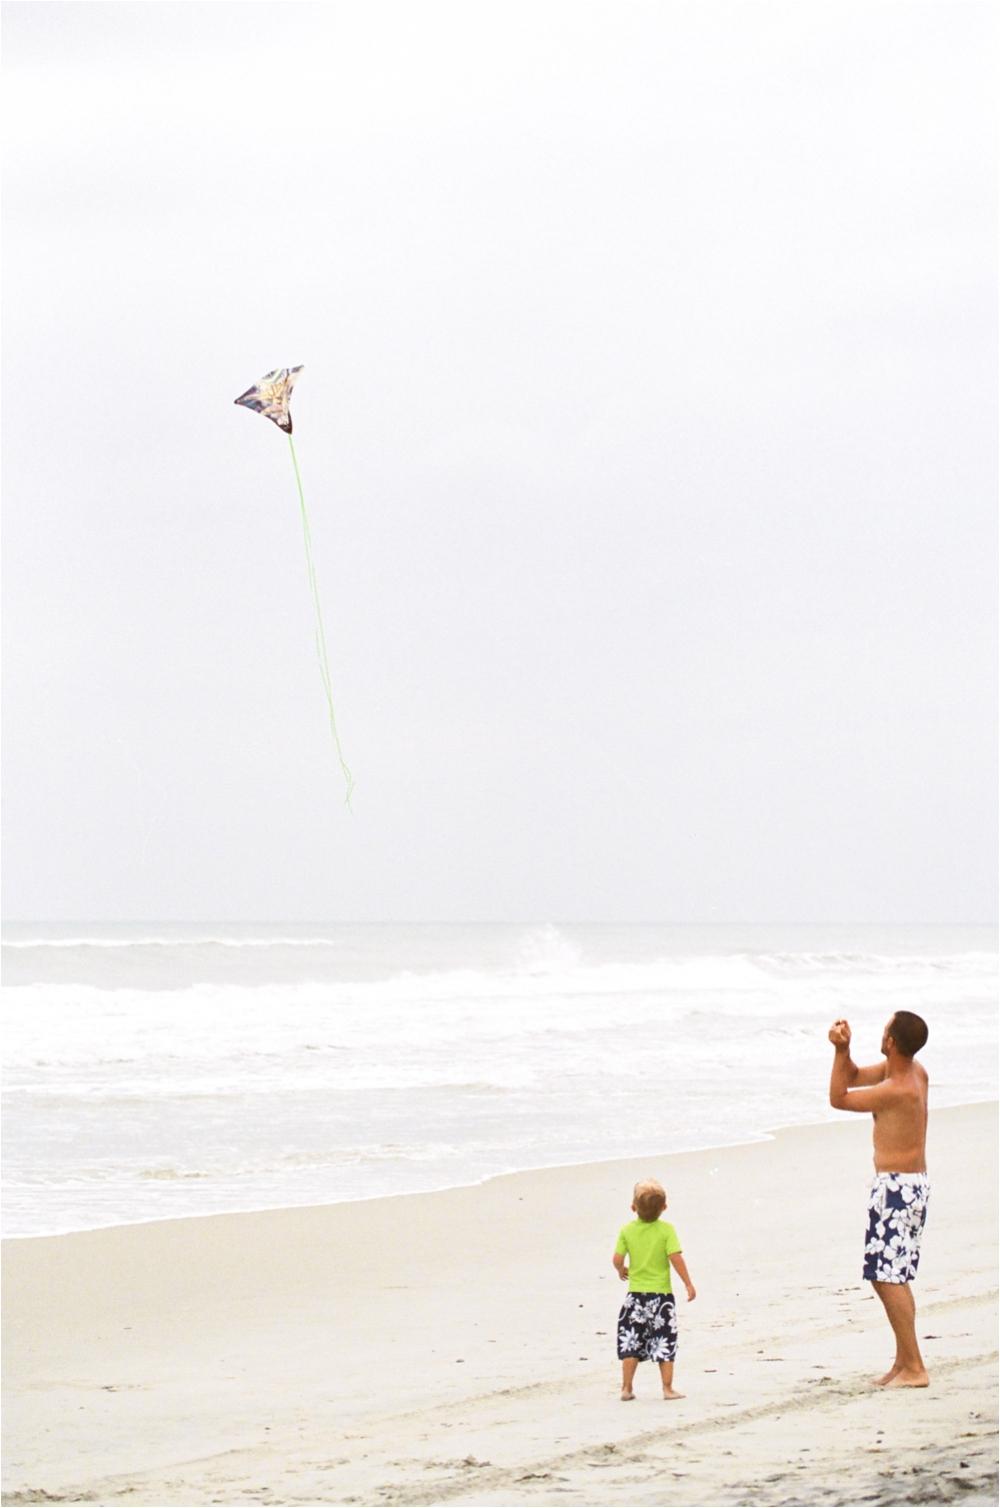 2013_North_Carolina_Beach_Family_Vacation__0023